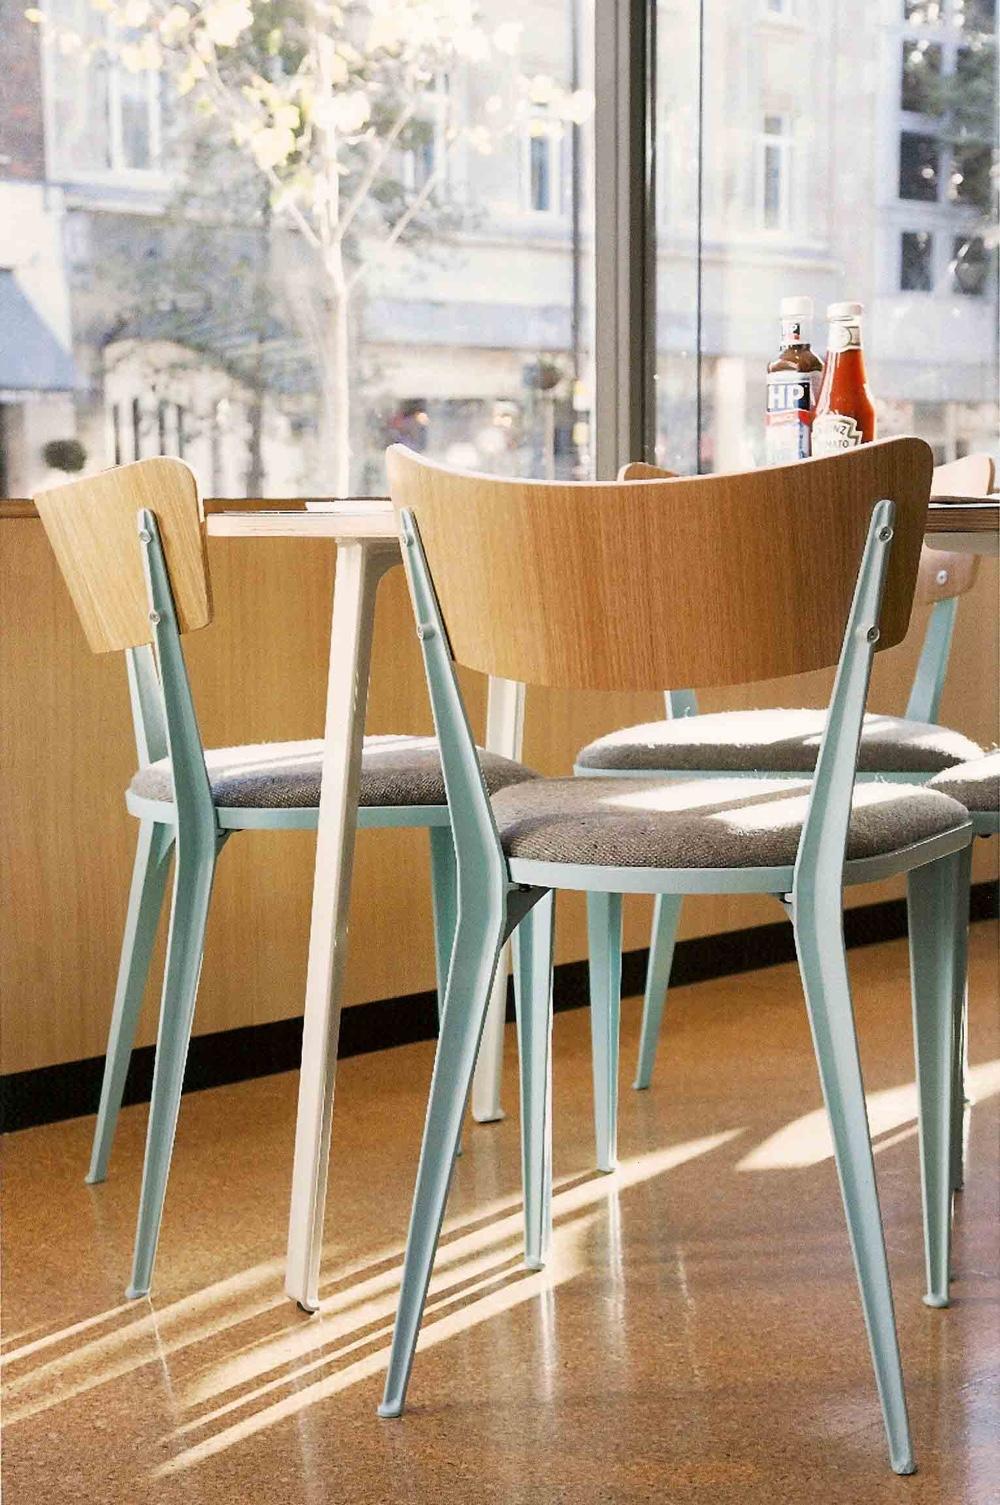 Британский стиль в дизайне - BA3 chairs